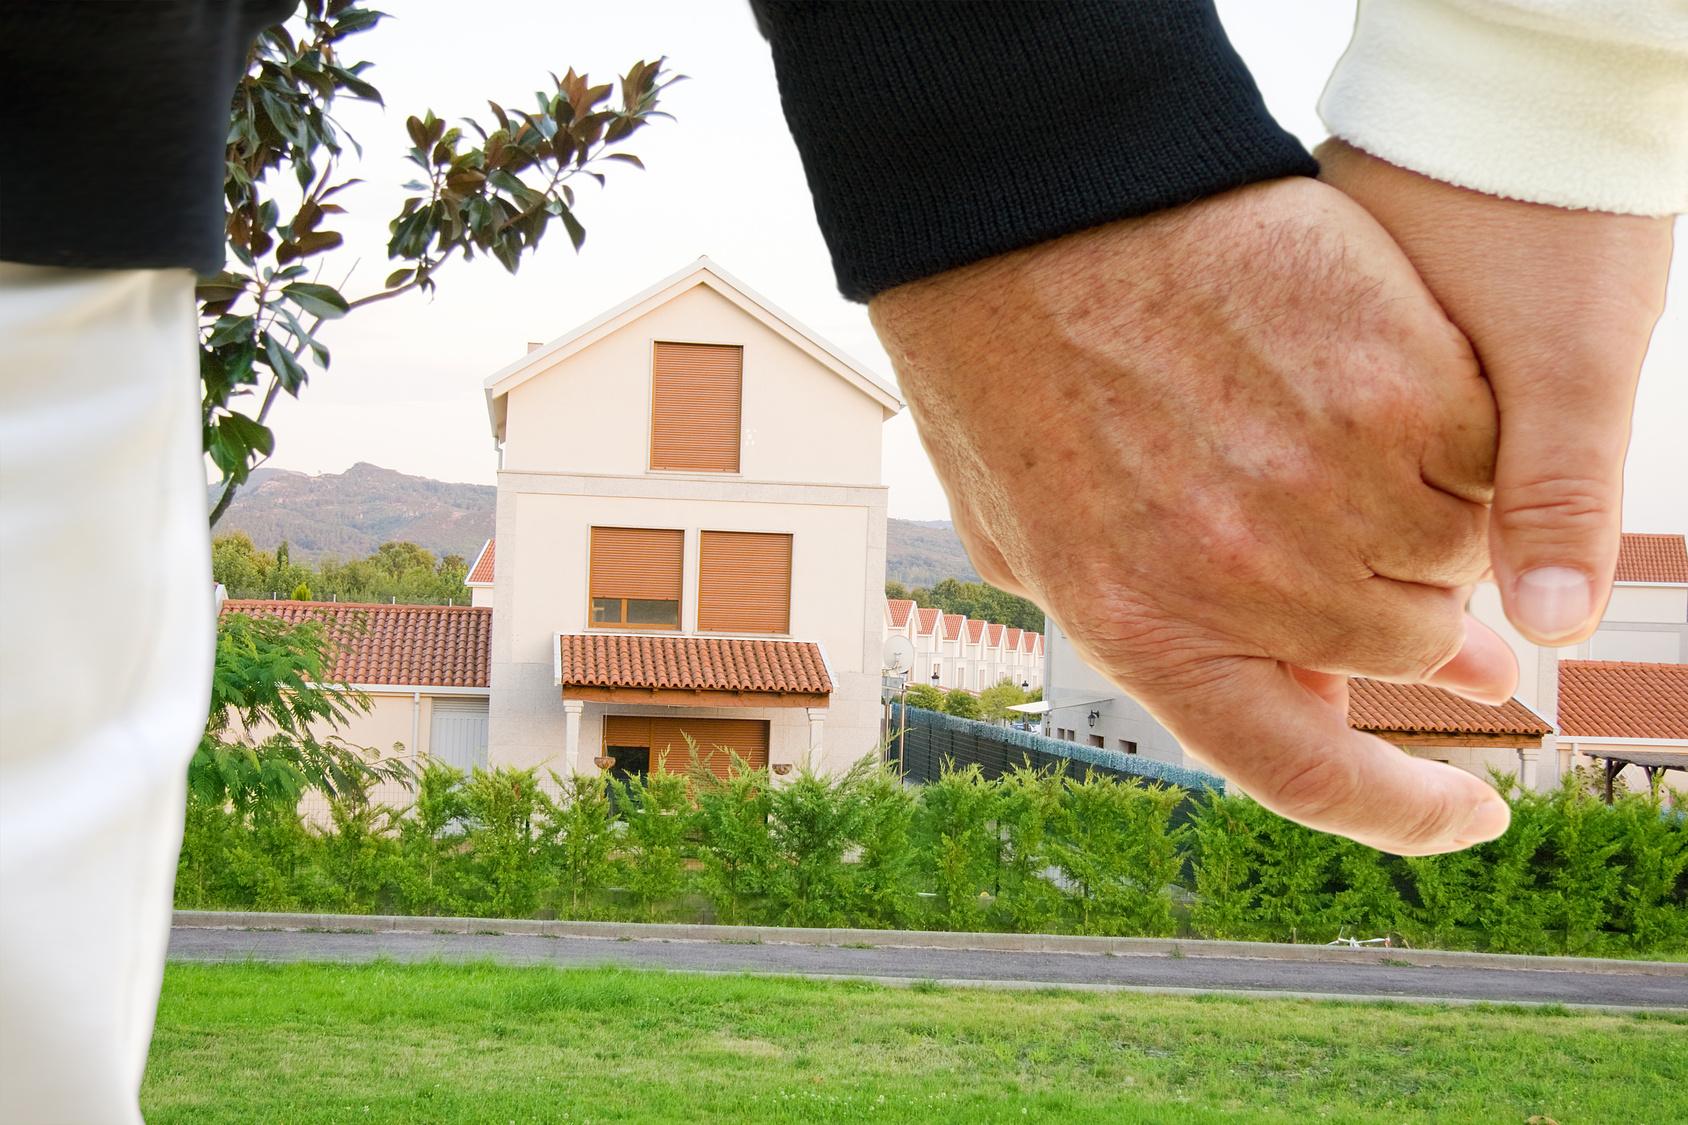 L 39 aide sociale en maison de retraite for Aide maison de retraite